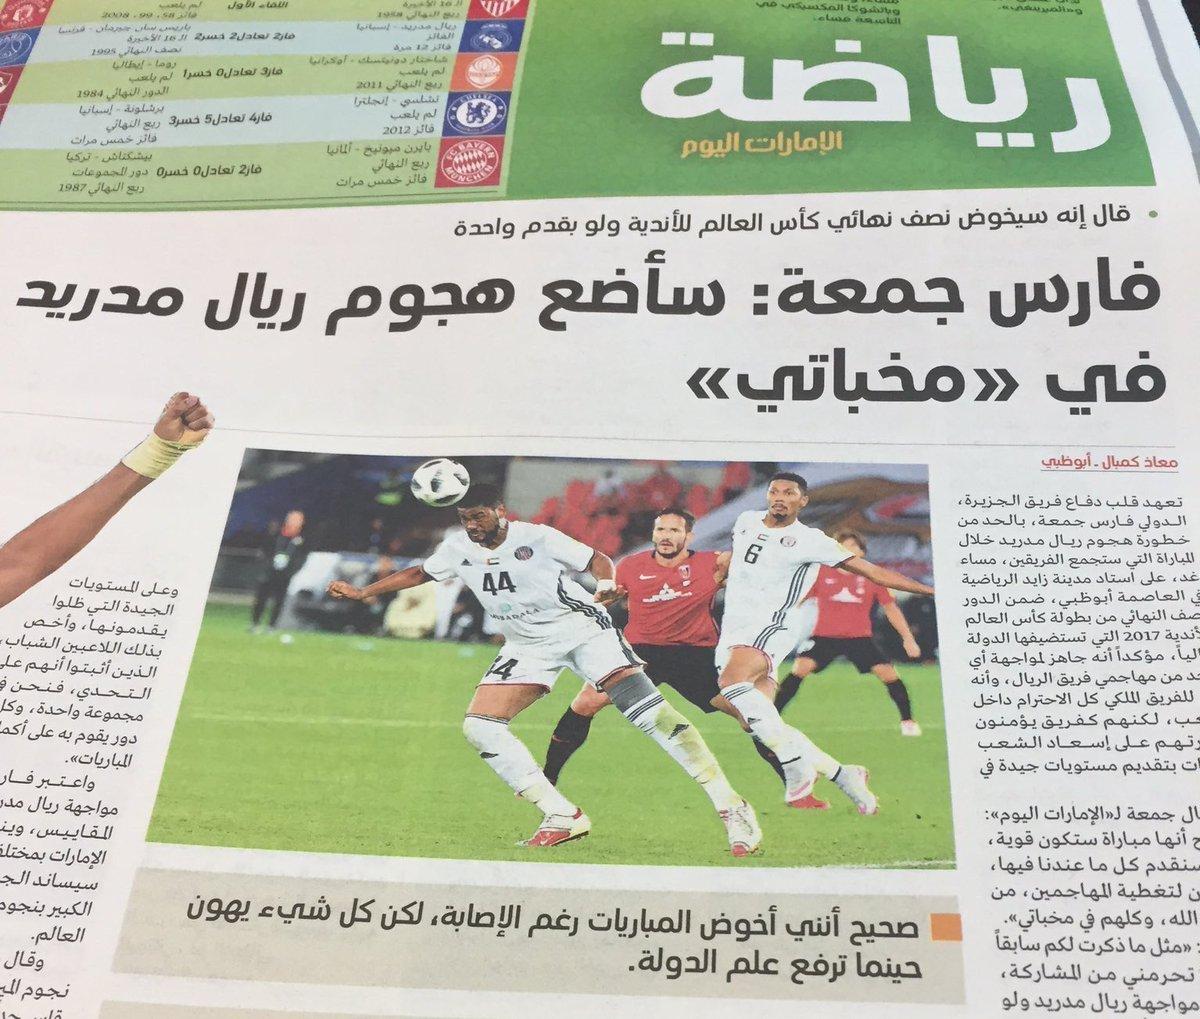 فارس جمعة لصحيفة الامارات اليوم : سأضع ه...